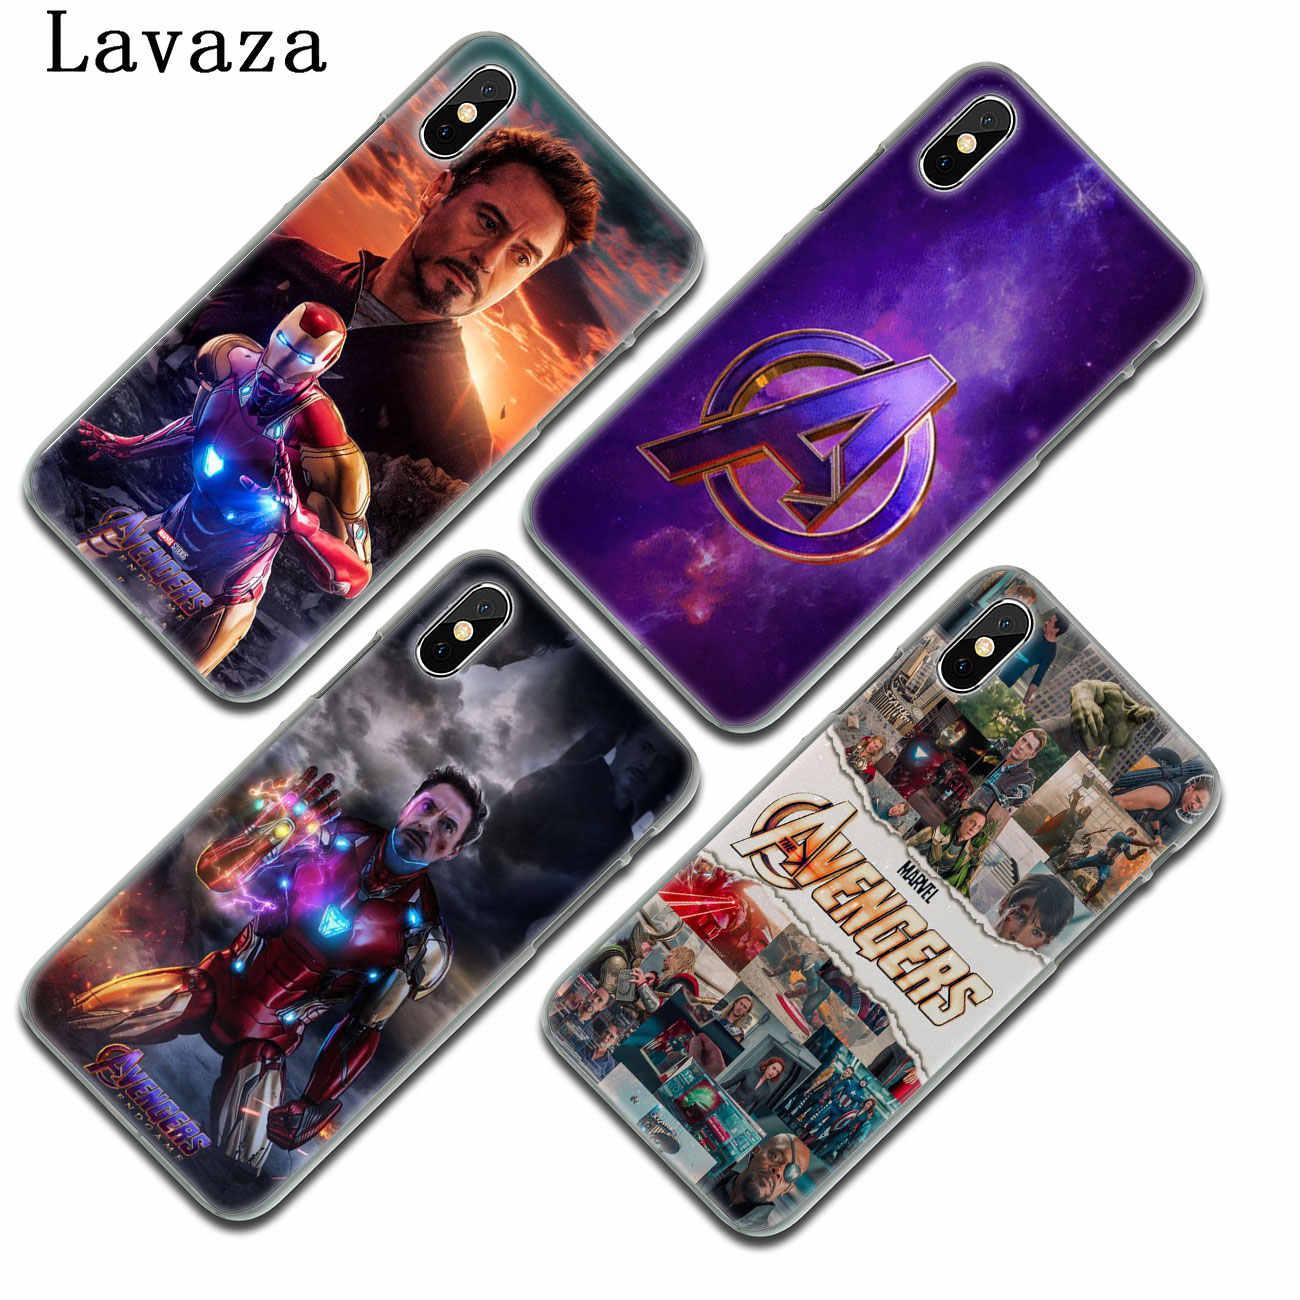 Lavaza アイアンマンマーベルアイアンマン Iphone XR XS × 11 プロマックス 10 7 8 6 6 4S 5 5S 、 SE 4 4S 4 カバー